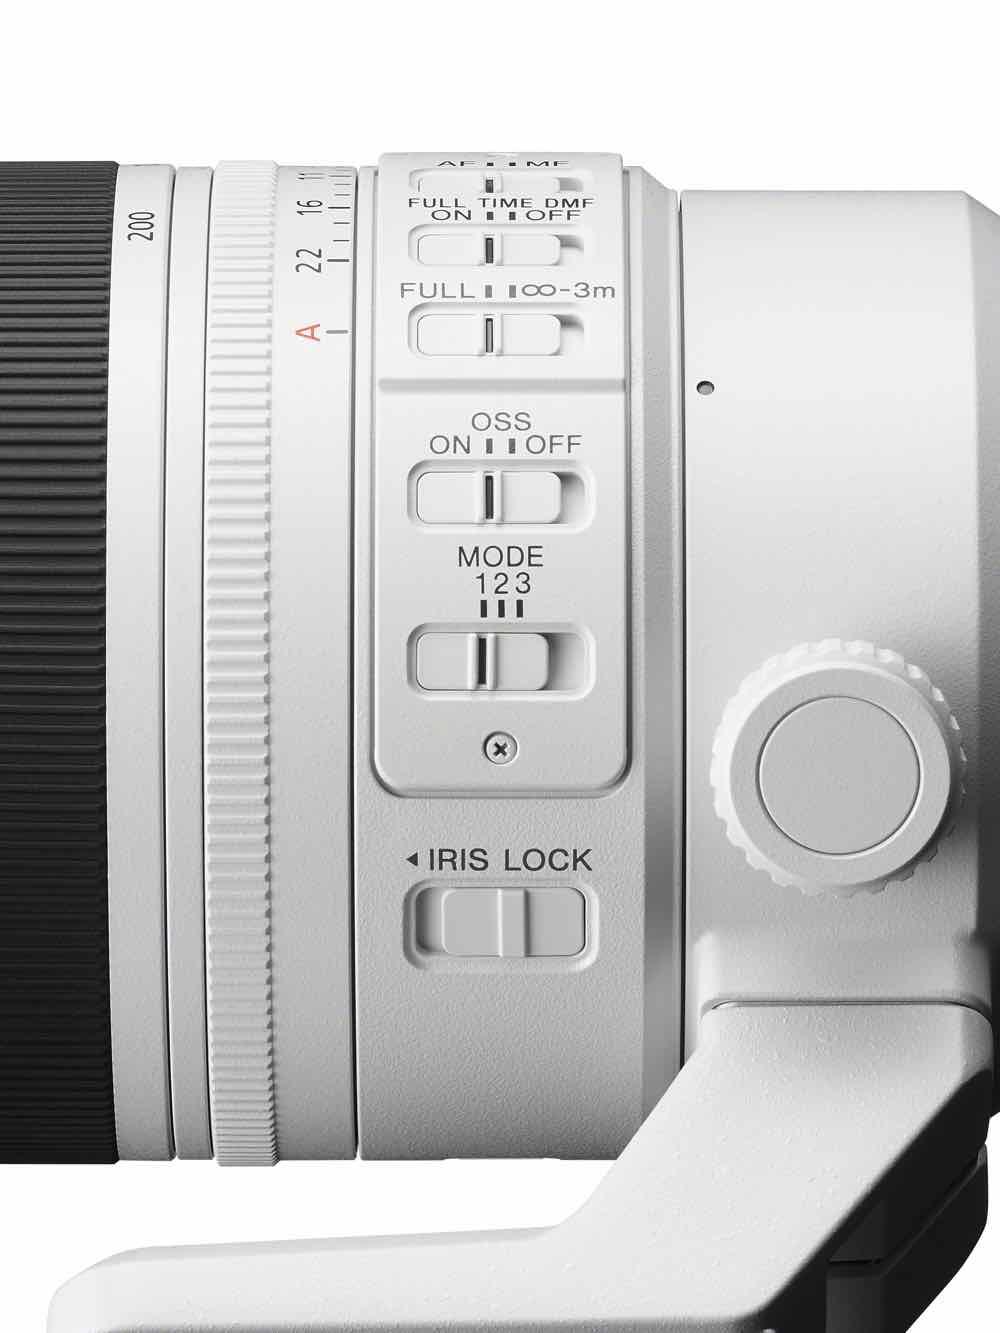 最新G Master鏡頭 Sony FE 70-200mm F2.8 GM OSS II  全球最輕大光圈遠攝變焦鏡頭